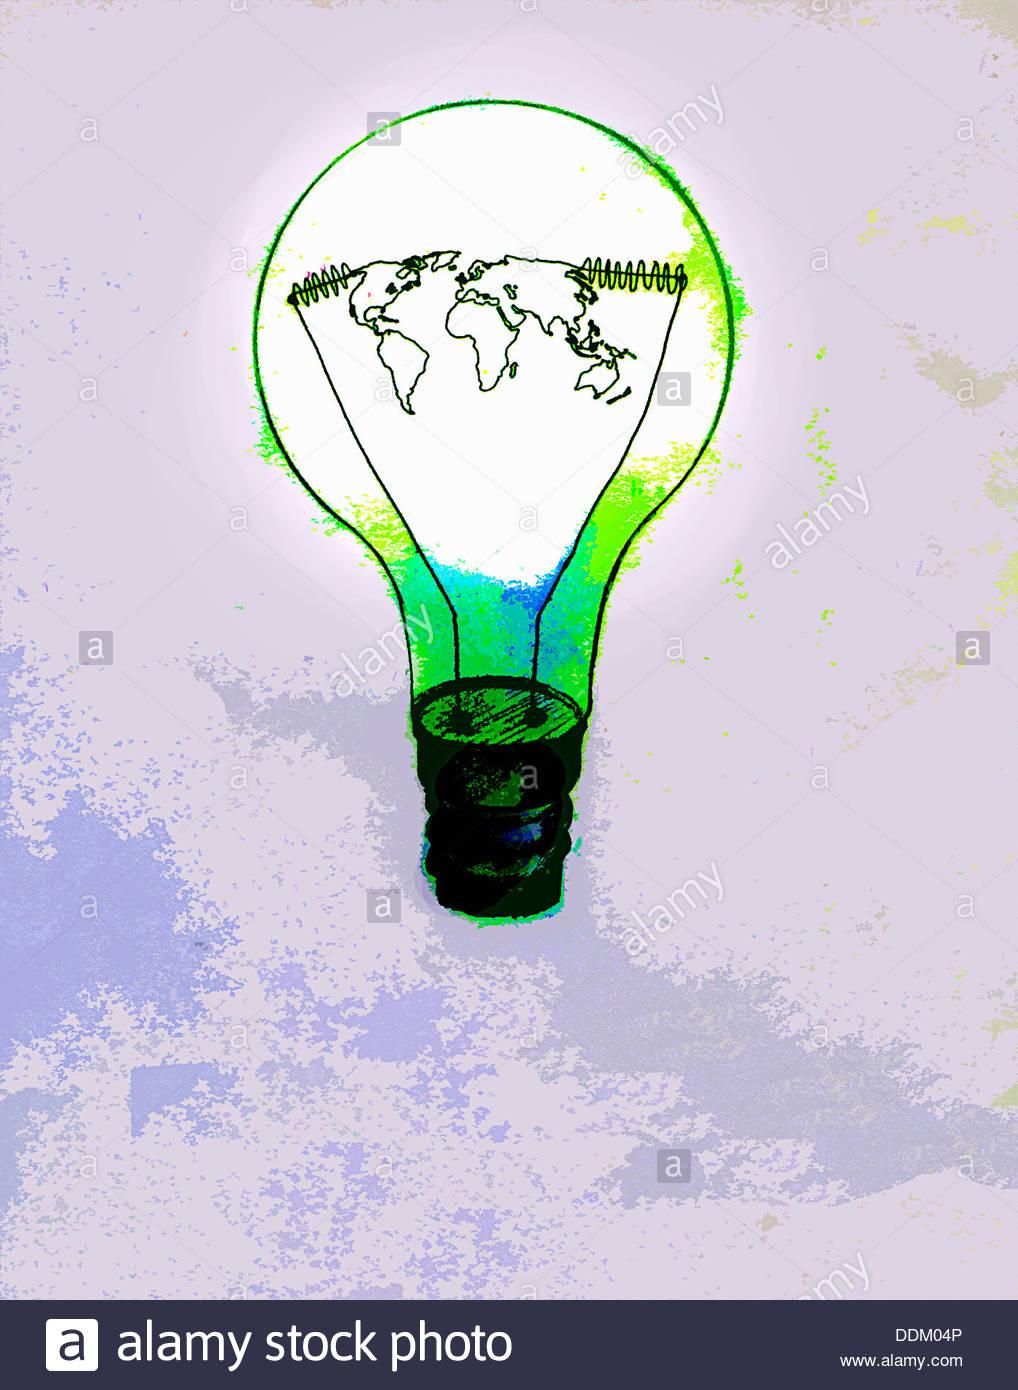 Global map inside green light bulb - Stock Image